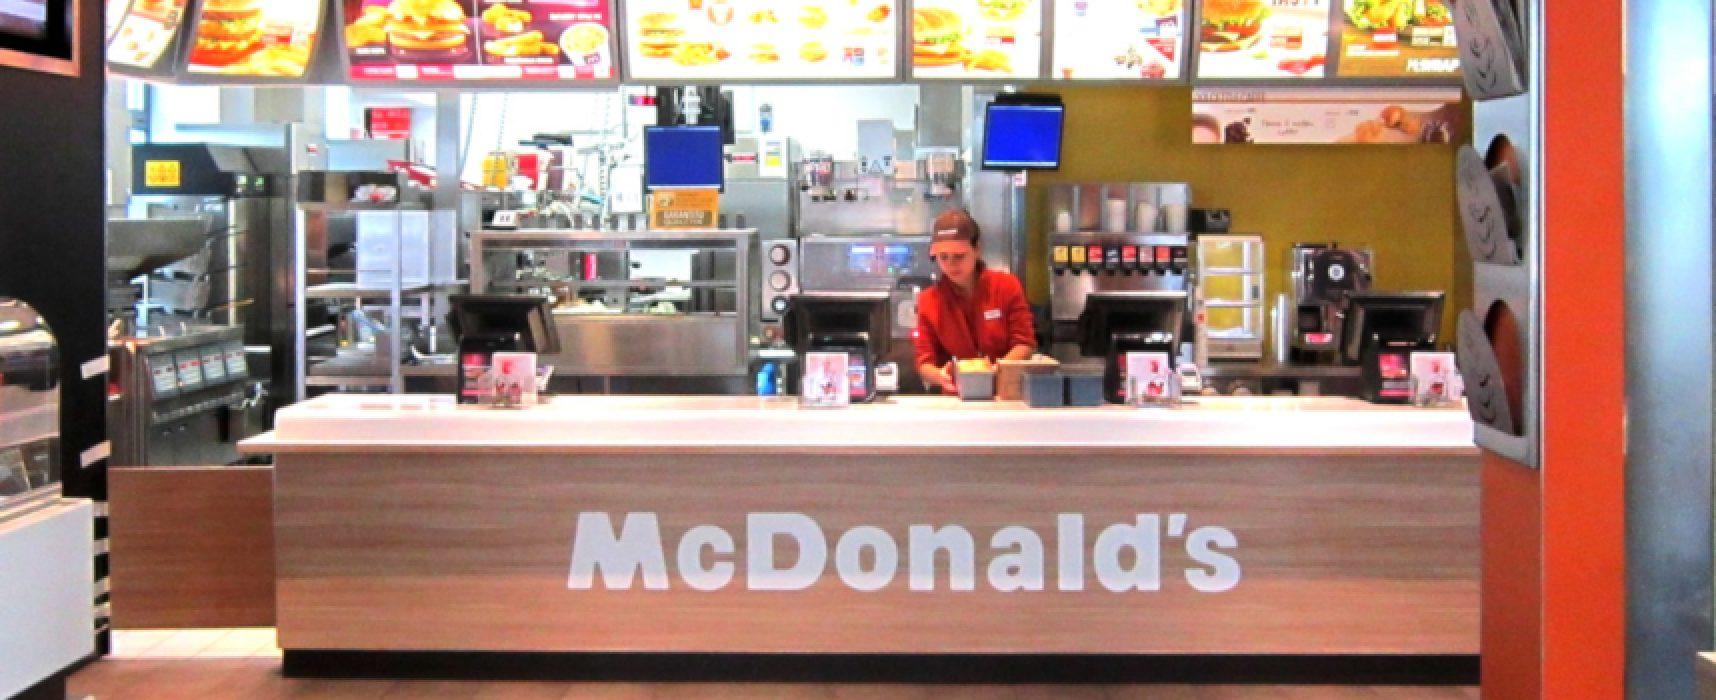 McDonald's offre opportunità di lavoro nelle sedi di Bisceglie e Molfetta